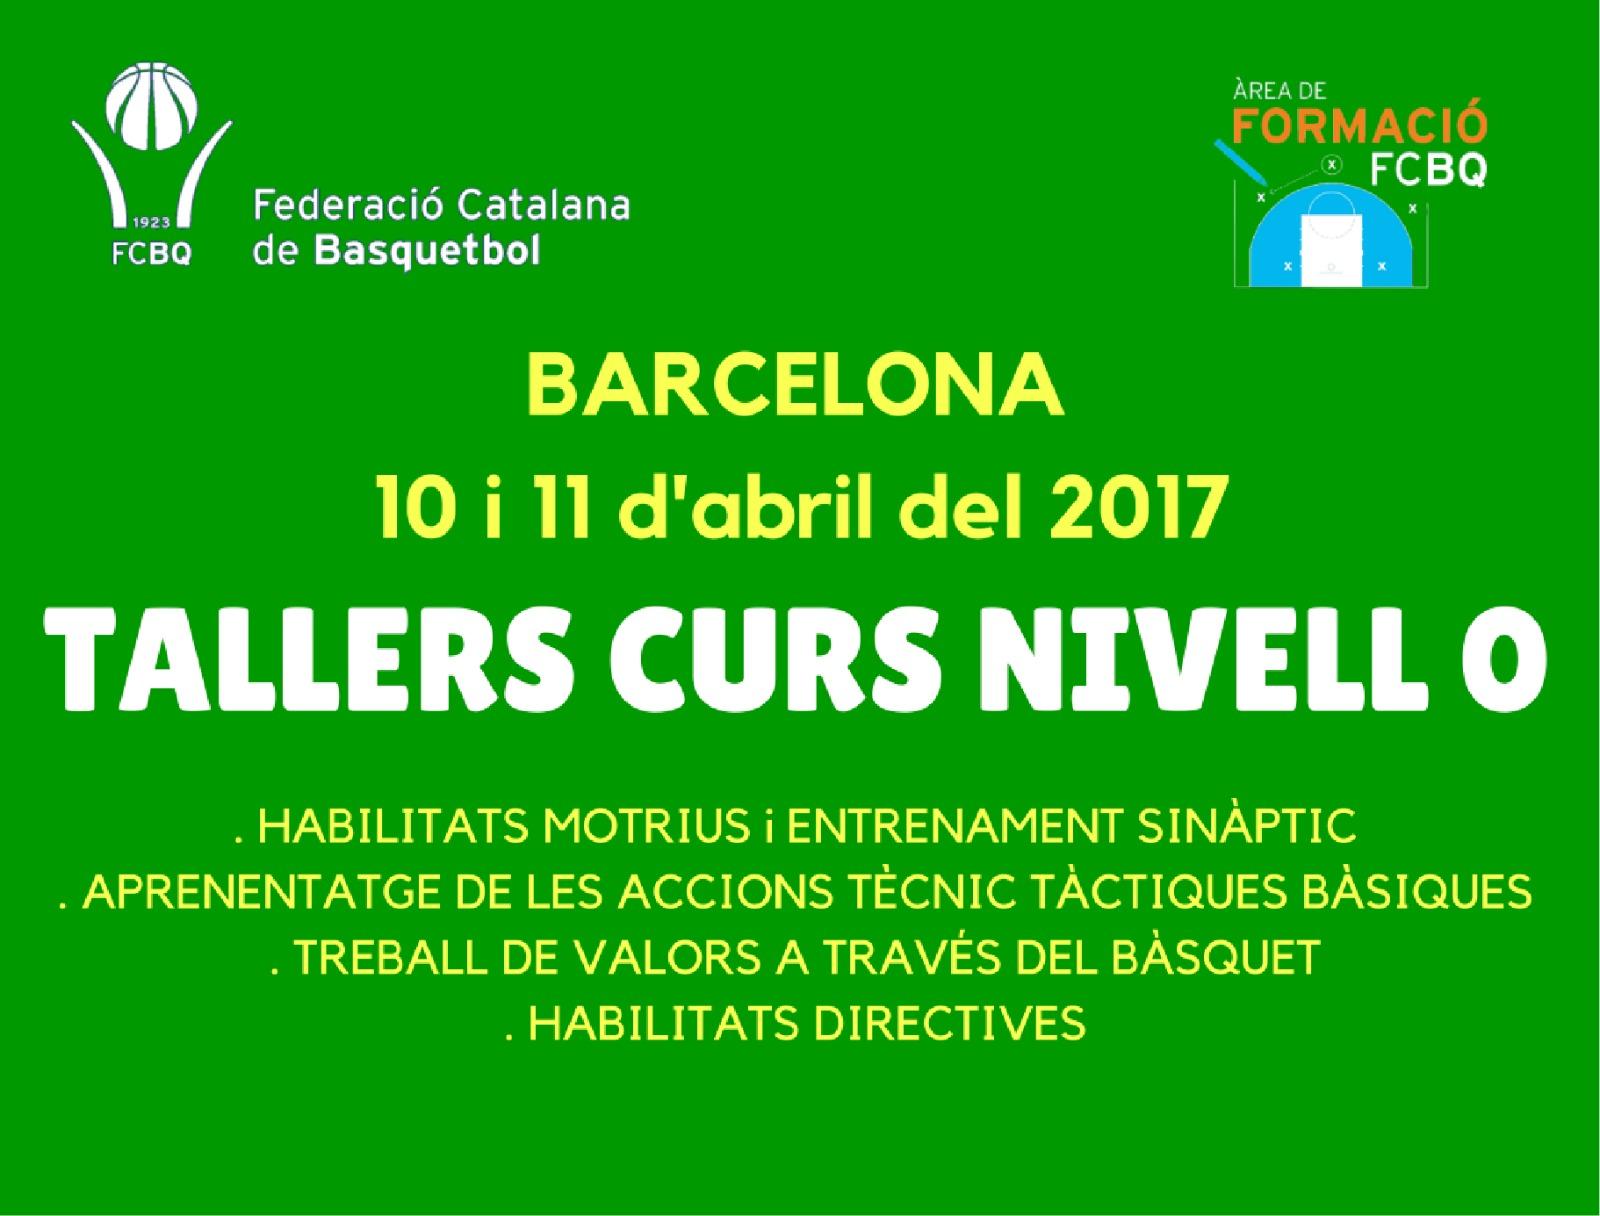 El 10 i 11 d'abril, quatre noustallers de formació a Barcelona